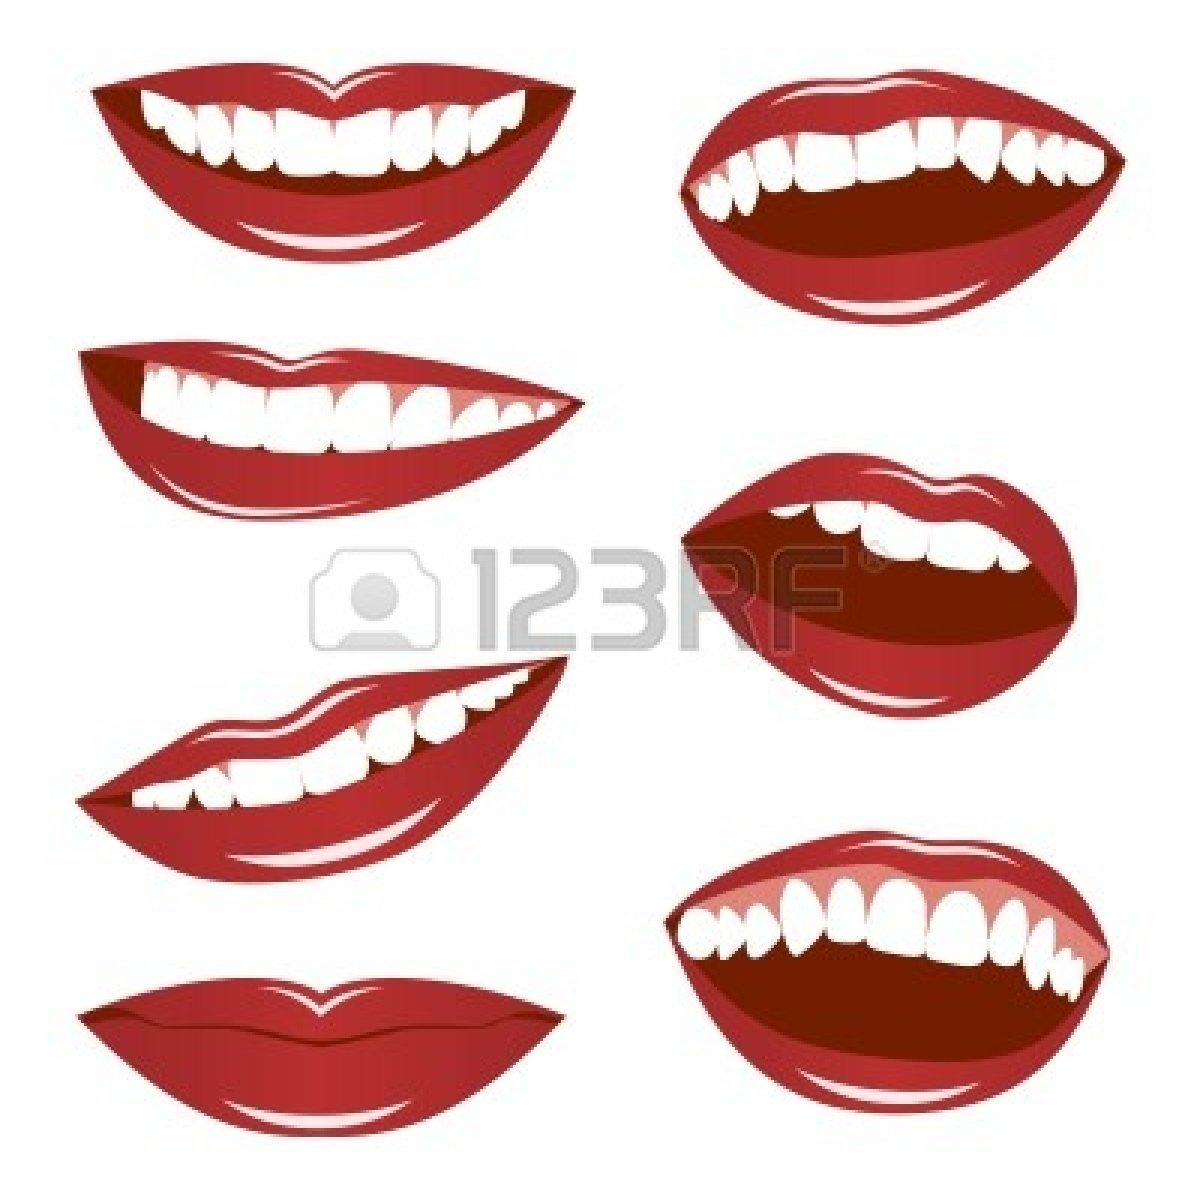 1200x1200 Talking Lips Clipart